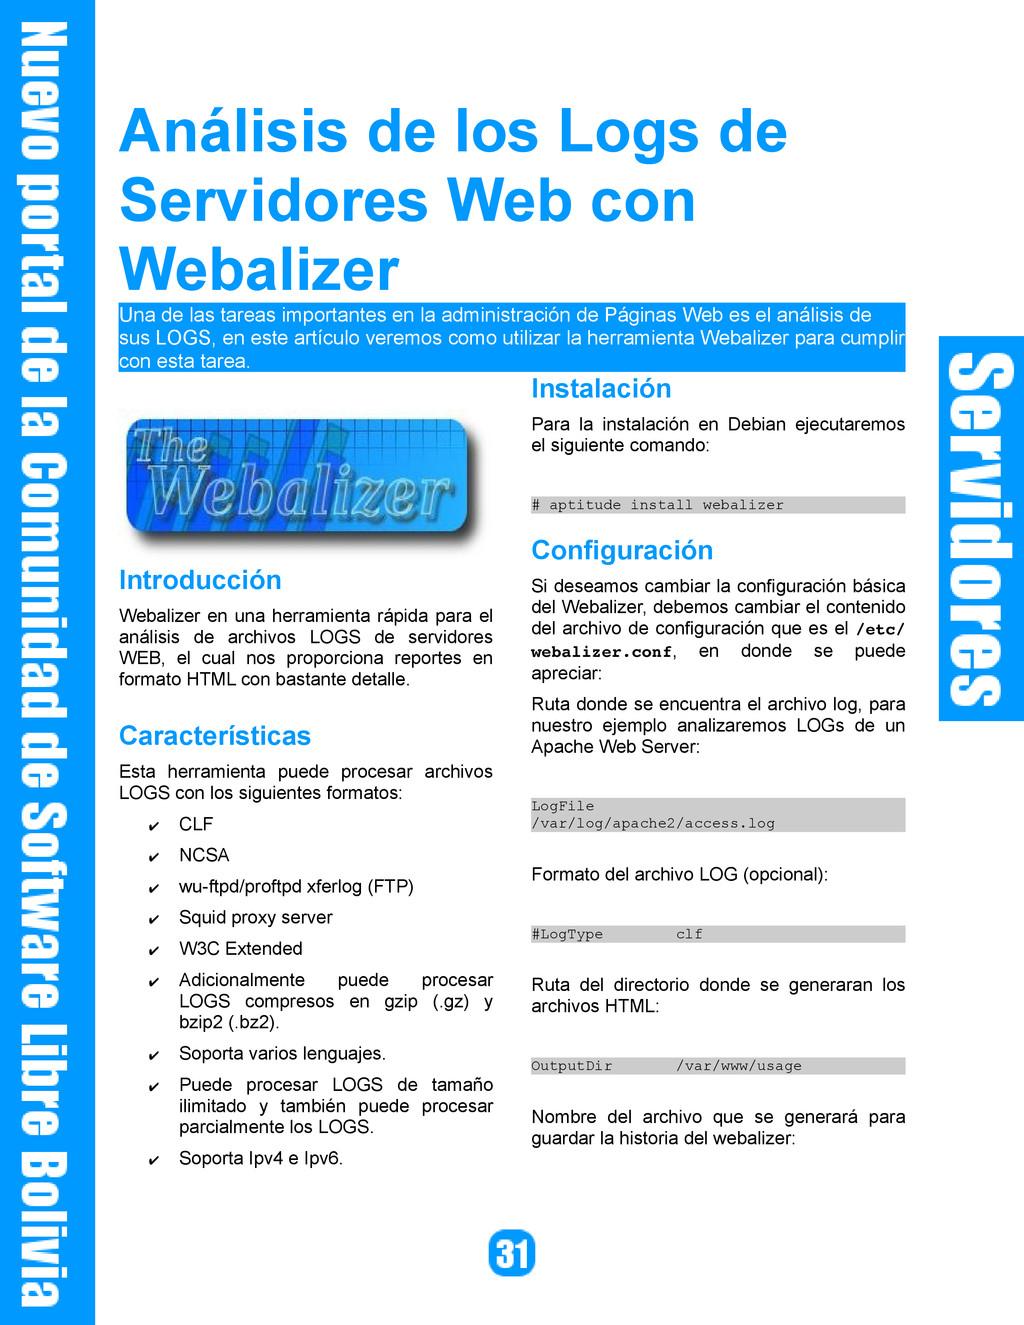 Análisis de los Logs de Servidores Web con Weba...